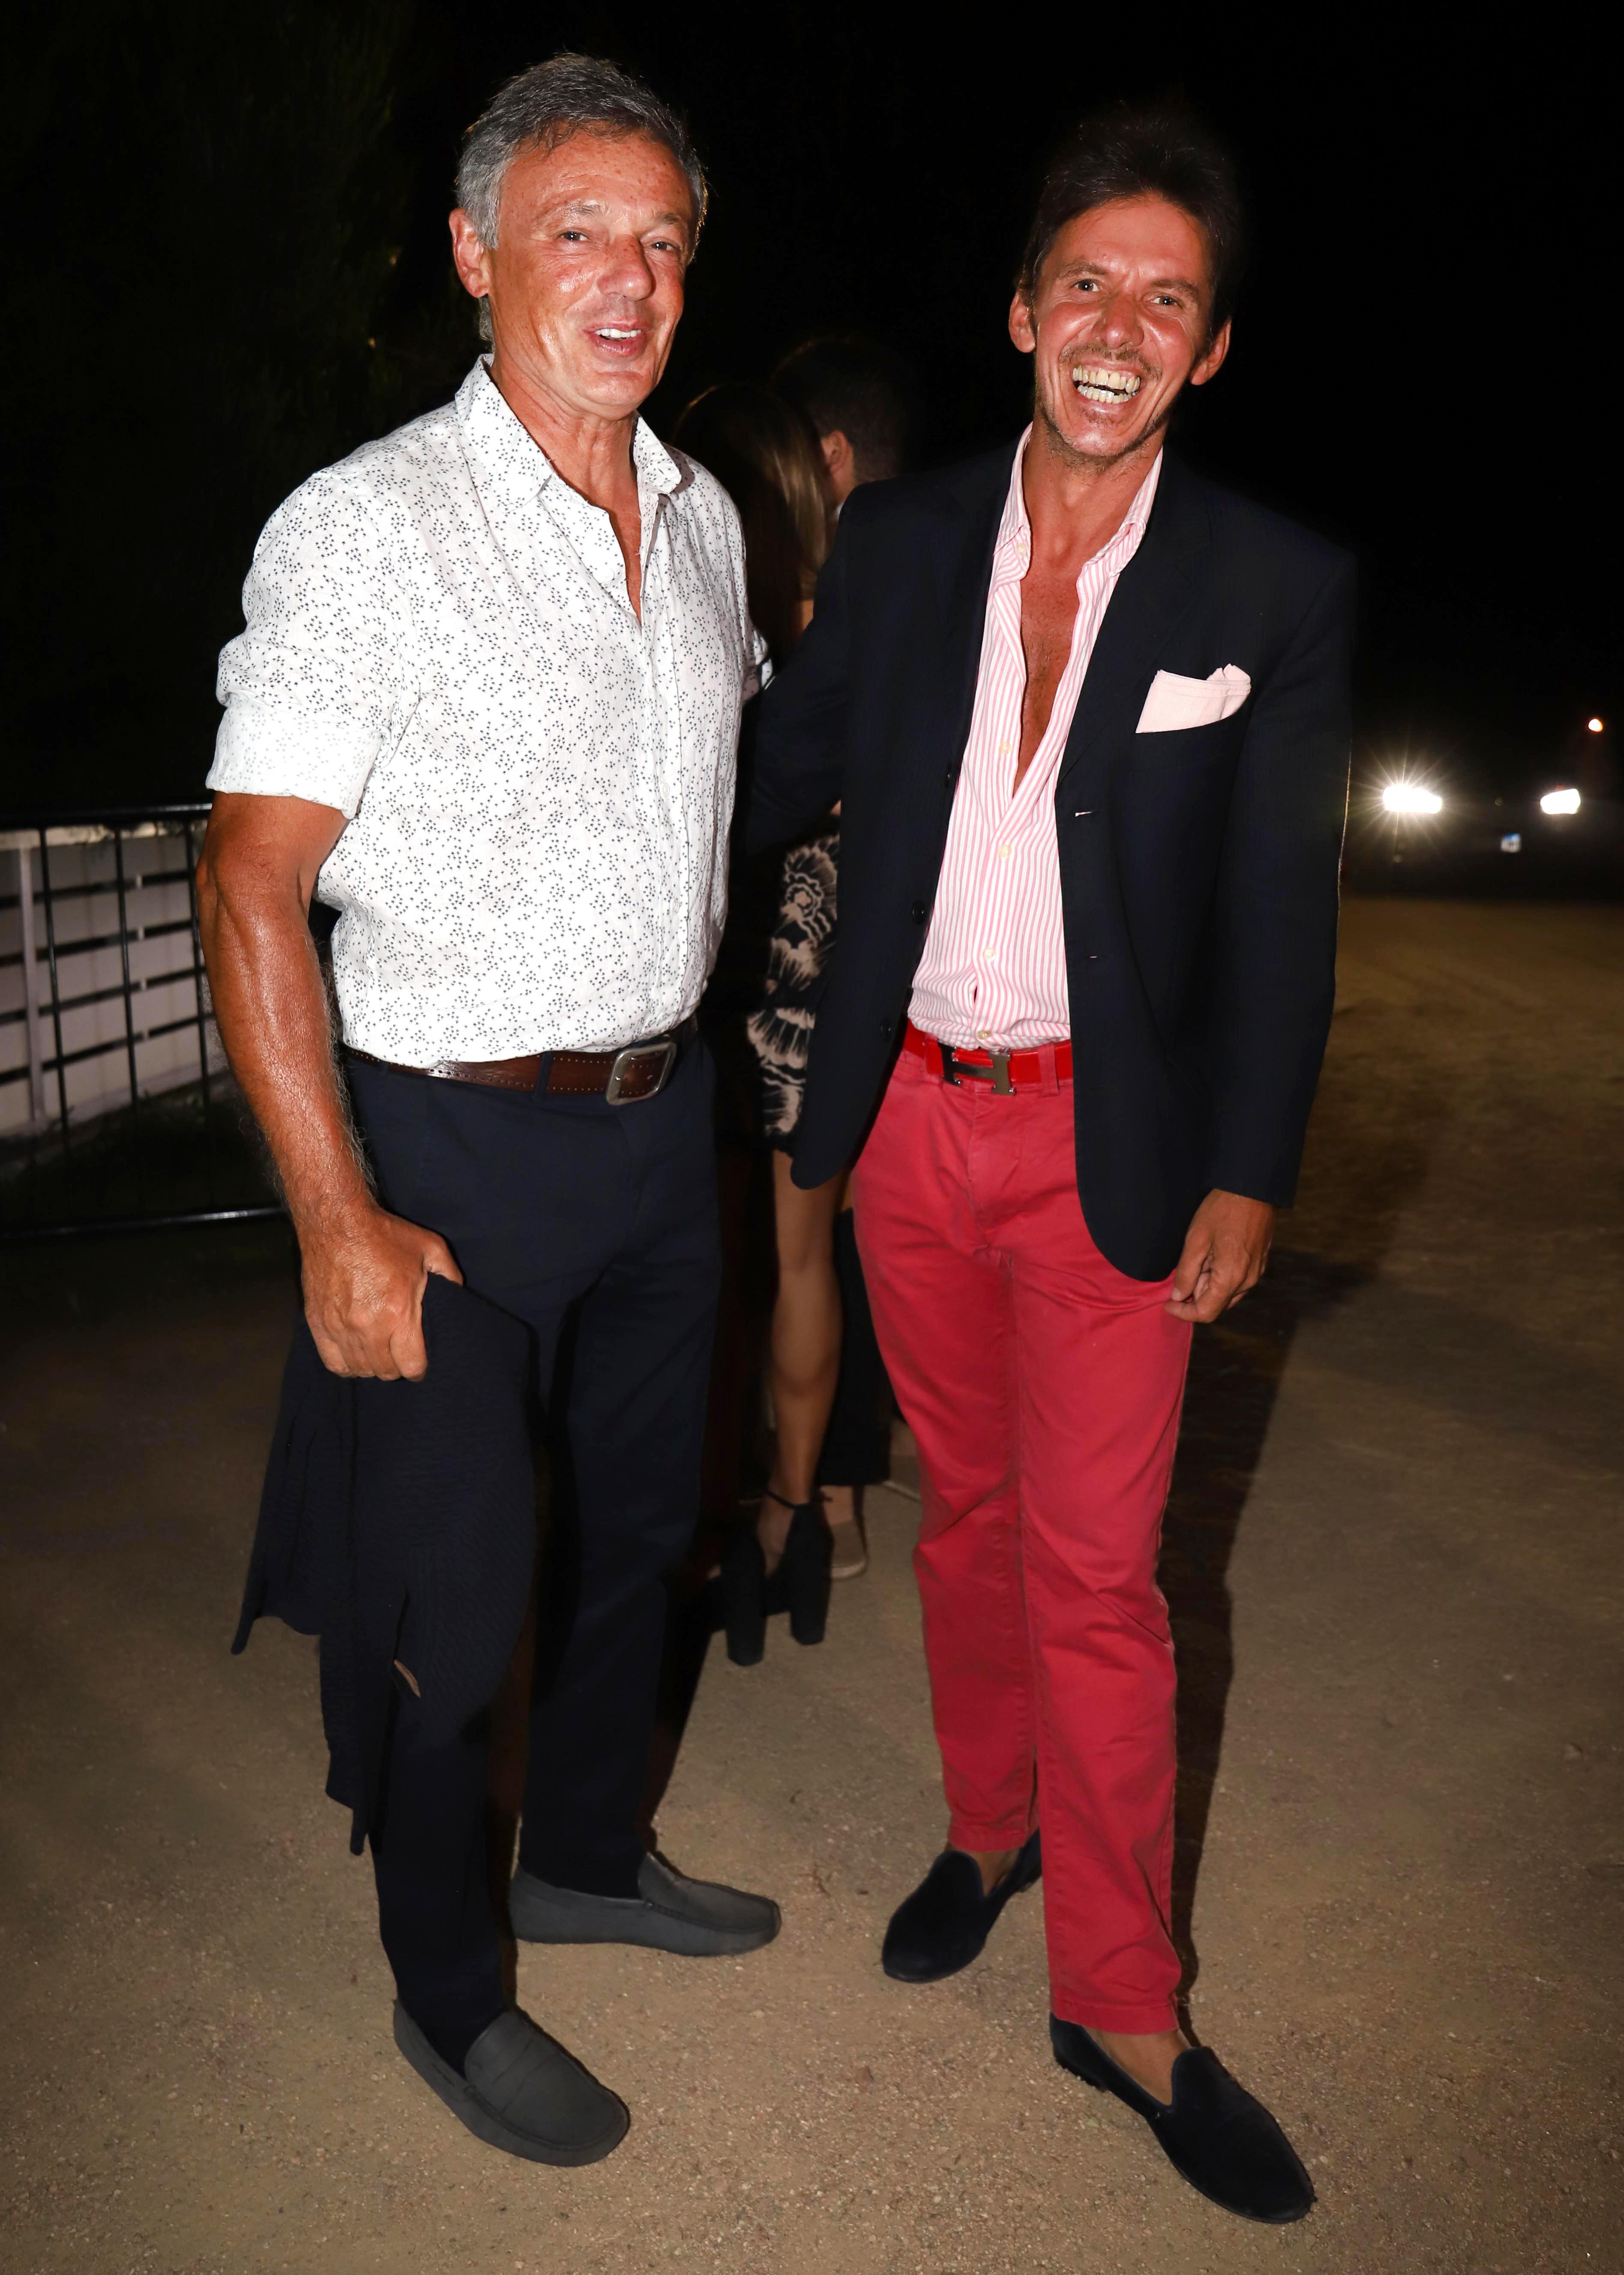 Francisco Cabrera y Gerard Confalonieri, divertidos y cancherísimos en la fiesta de Giuseppe Cipriani